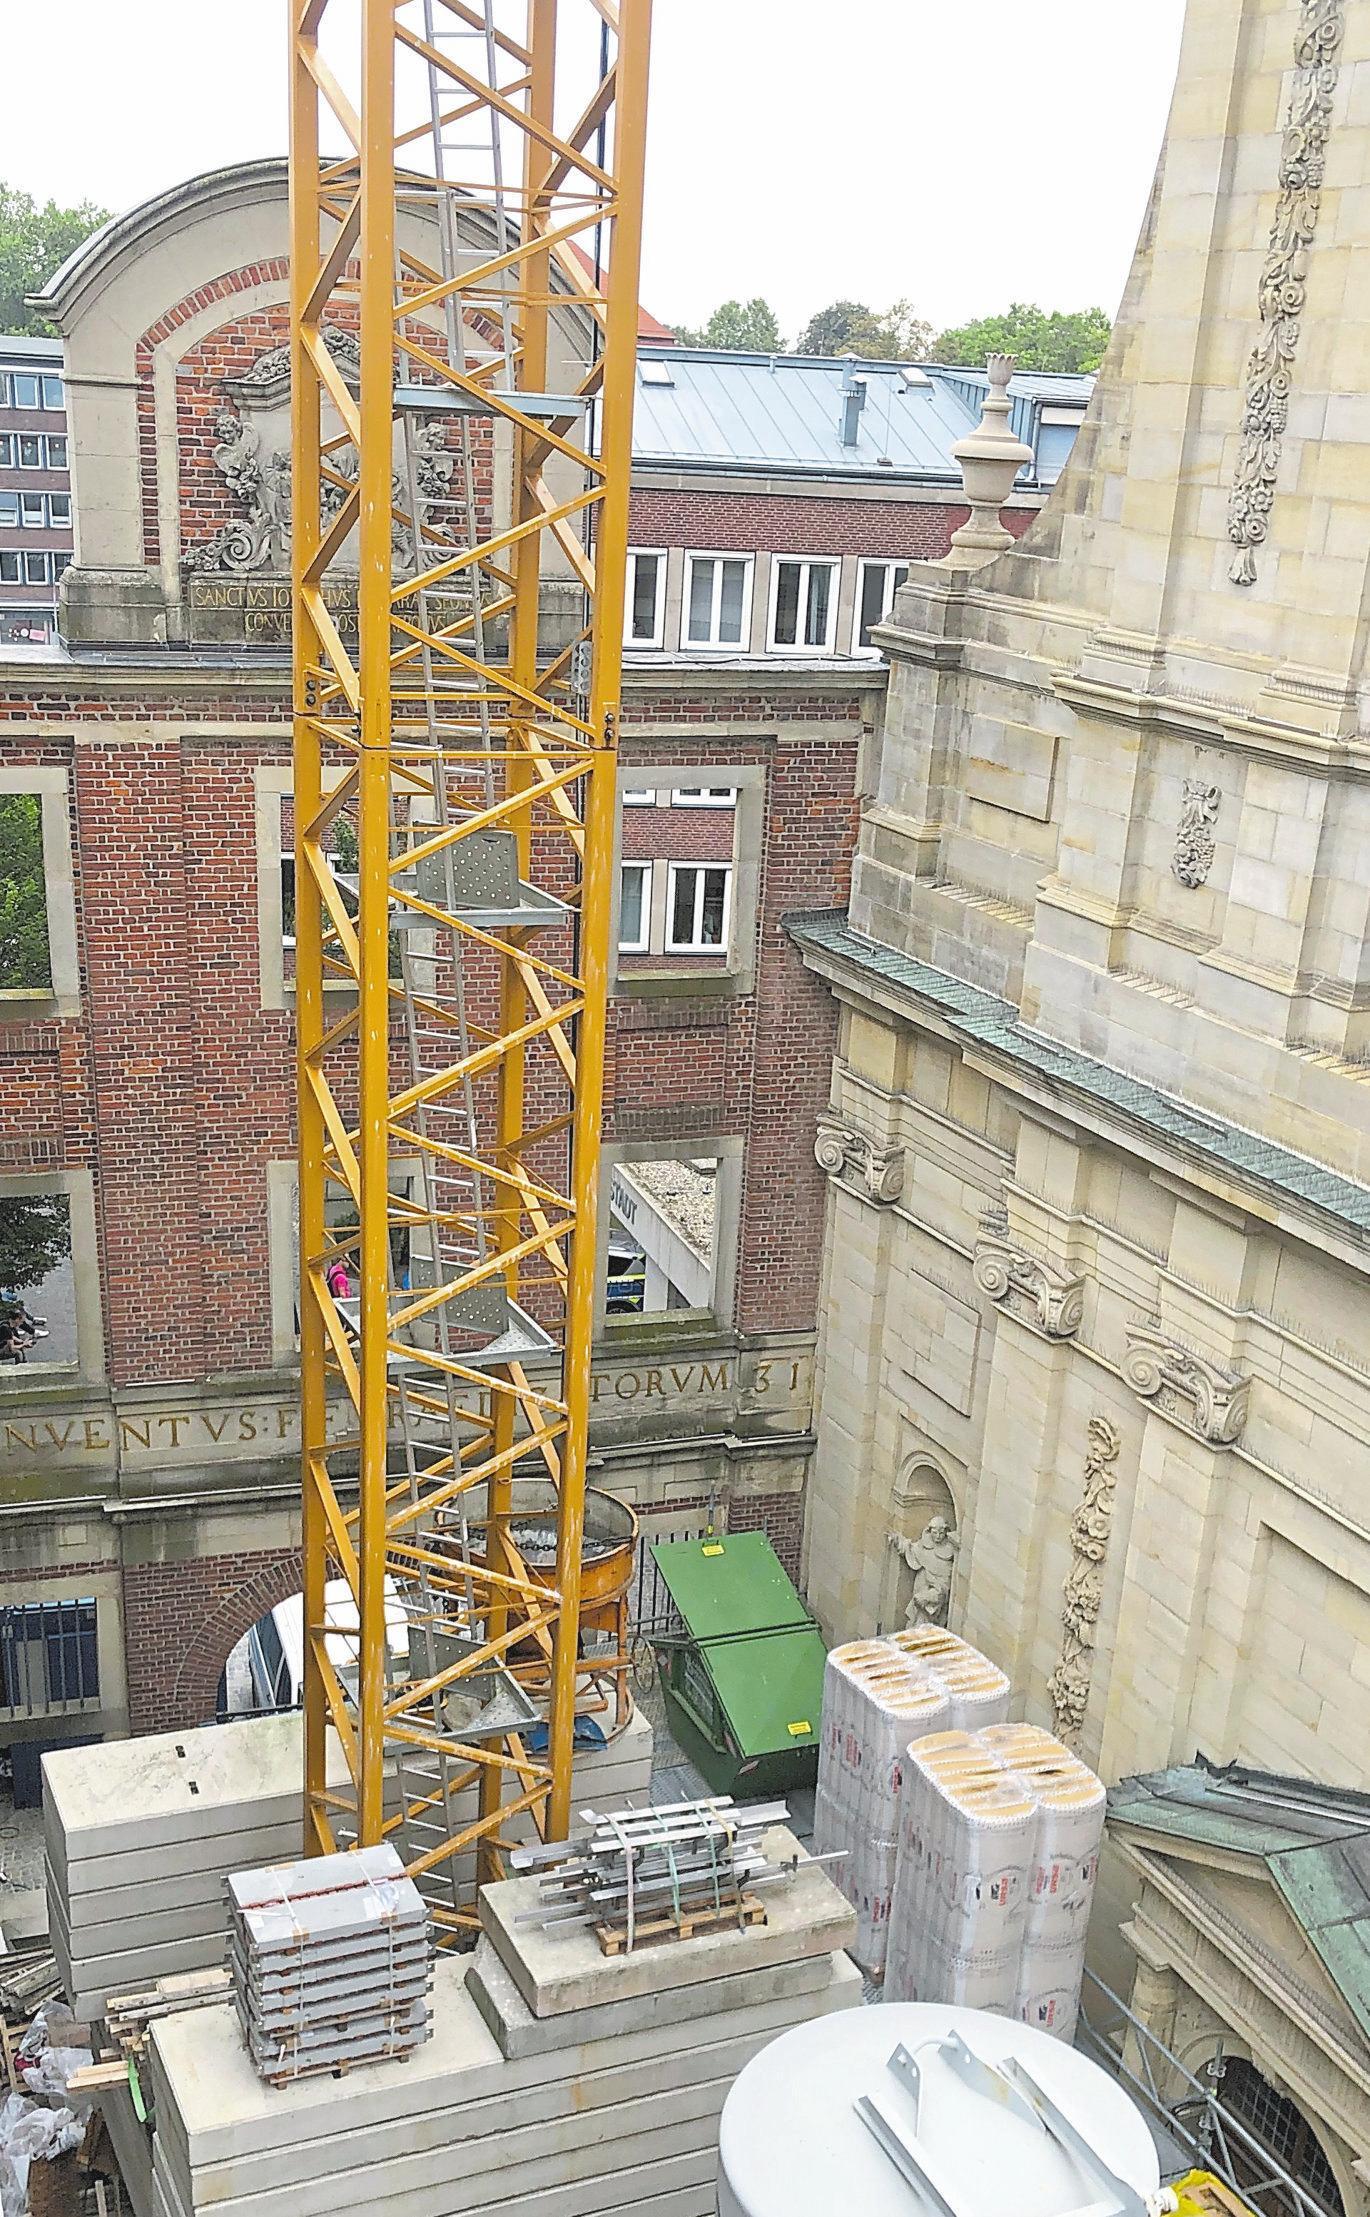 Die neue Praxis befindet sich in unmittelbarer Nachbarschaft der altehrwürdigen Dominikanerkirche. Foto: Radiologie Salzstraße